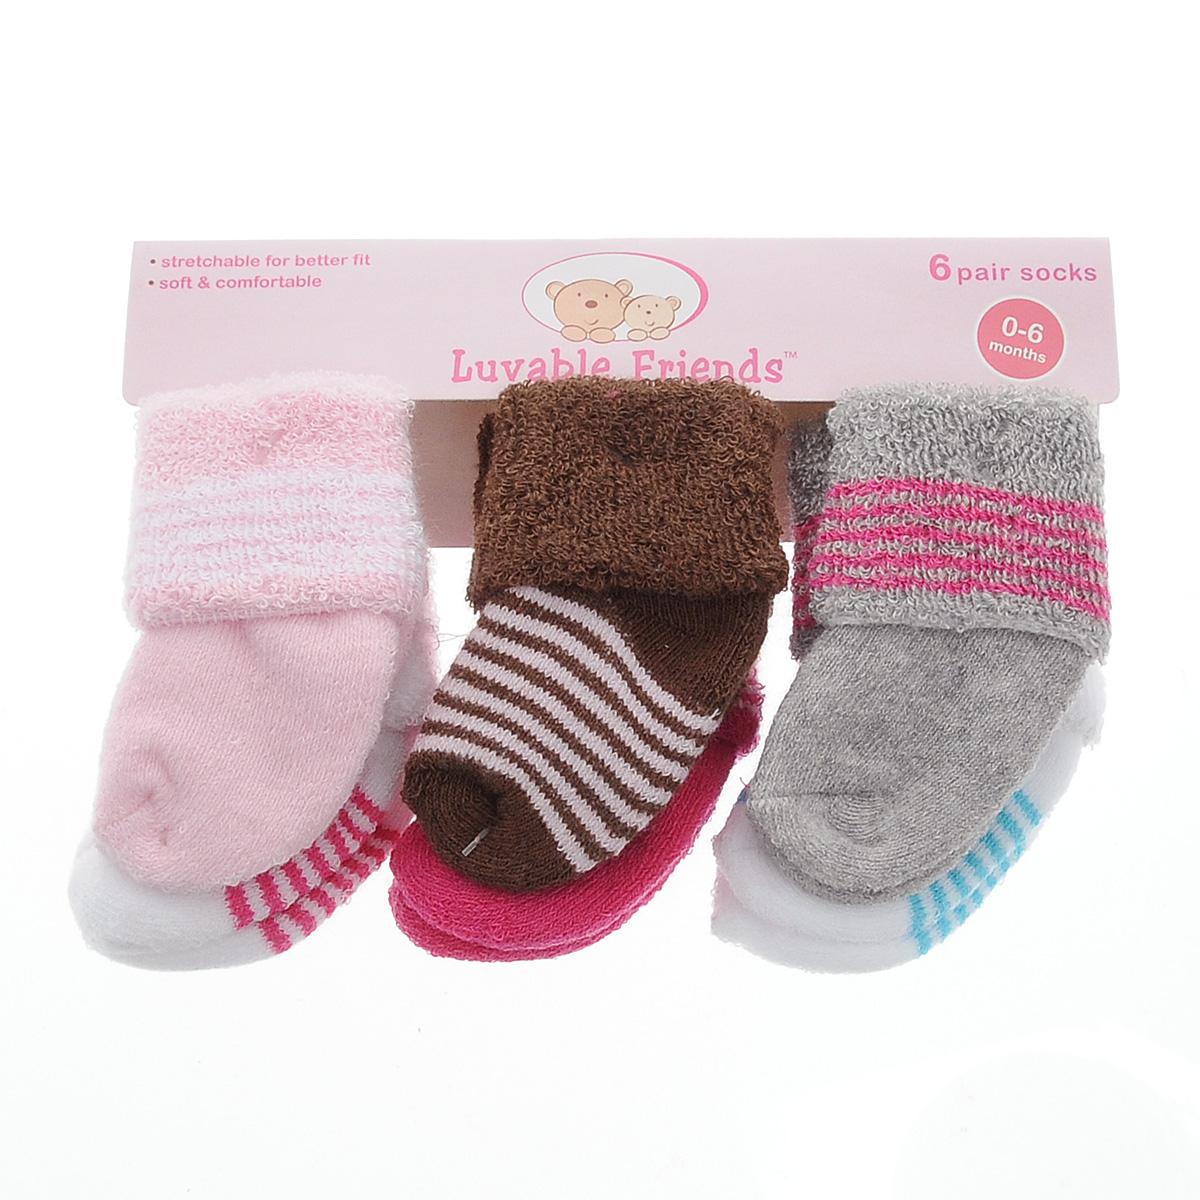 Носки детские Luvable Friends, цвет: серый, розовый, белый, 6 пар. 20615. Размер 55/67, 0-6 месяца